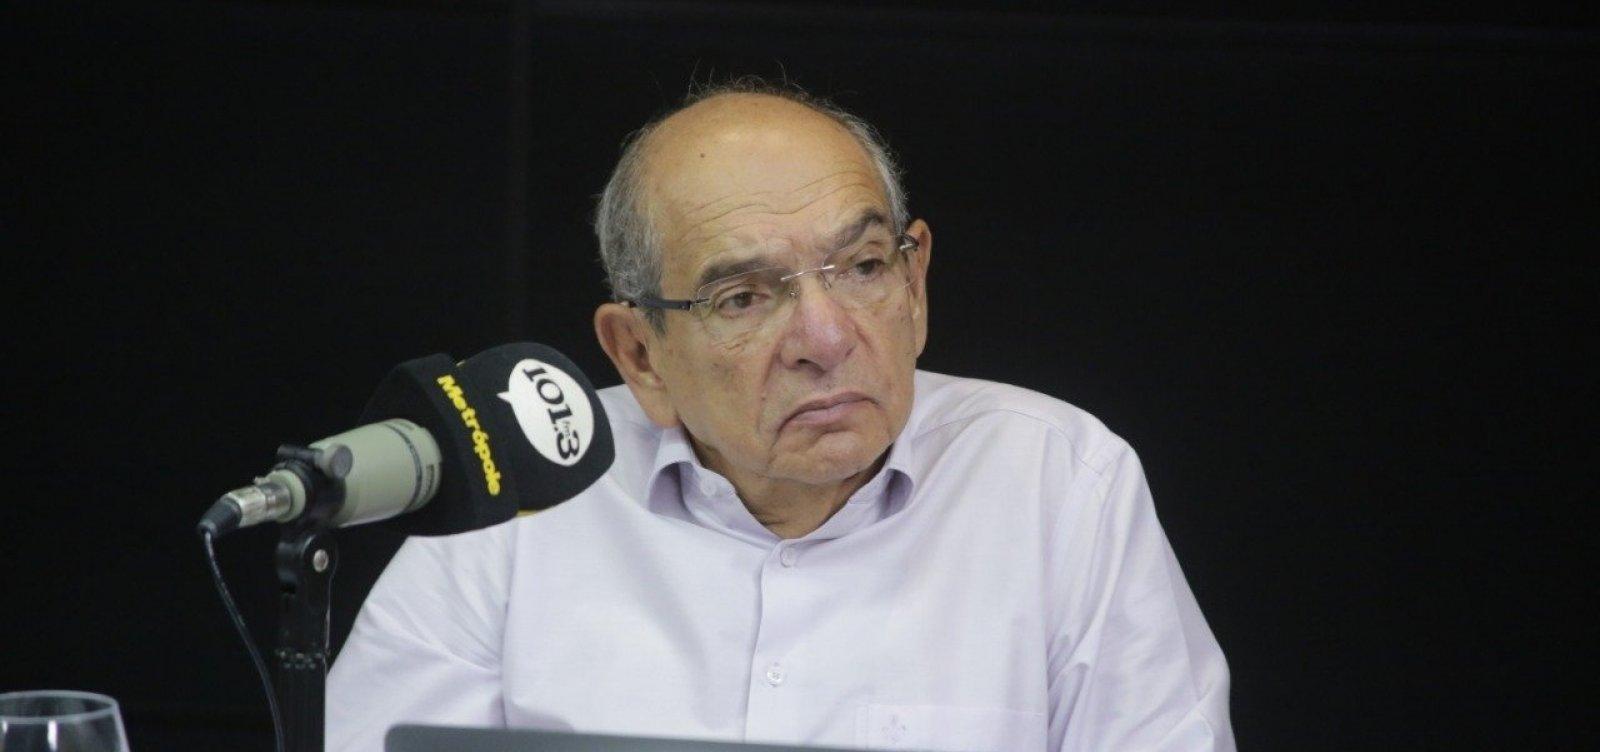 ['Quem precisa ficar dizendo que manda está inseguro', diz MK sobre Bolsonaro; ouça]